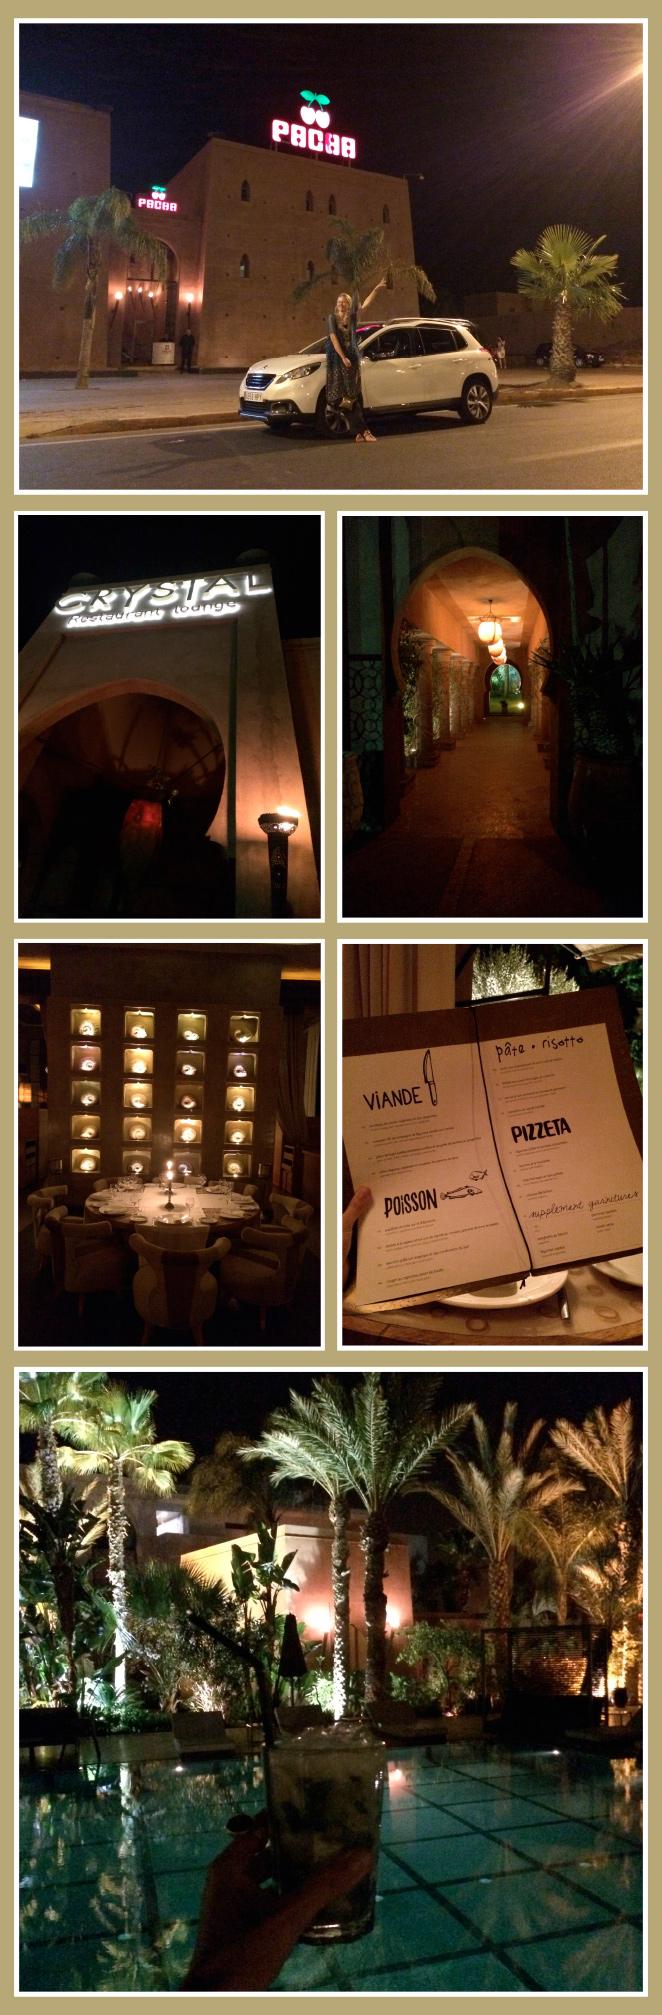 Crystal Restaurant Lounge es el restaurante situado en la discoteca Pachá